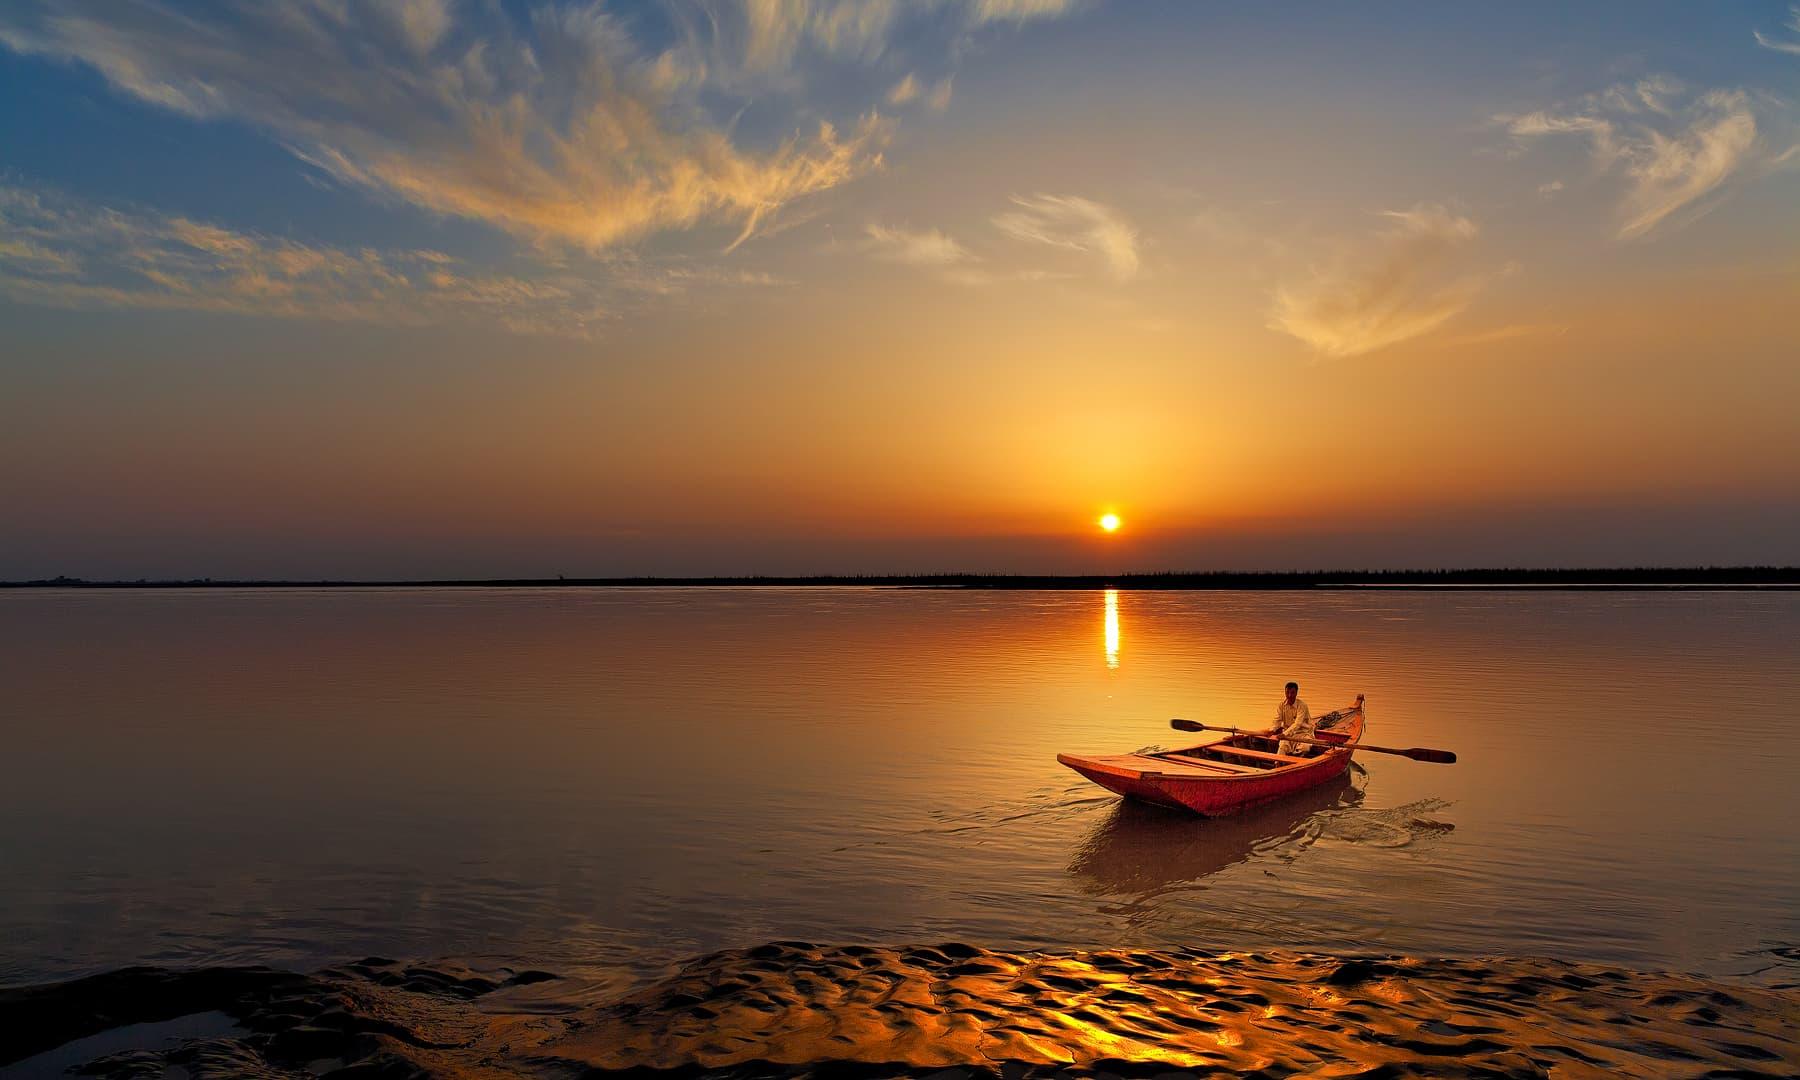 مرالہ میں ڈوبتے سورج کا منظر.— فوٹو سید مہدی بخاری۔